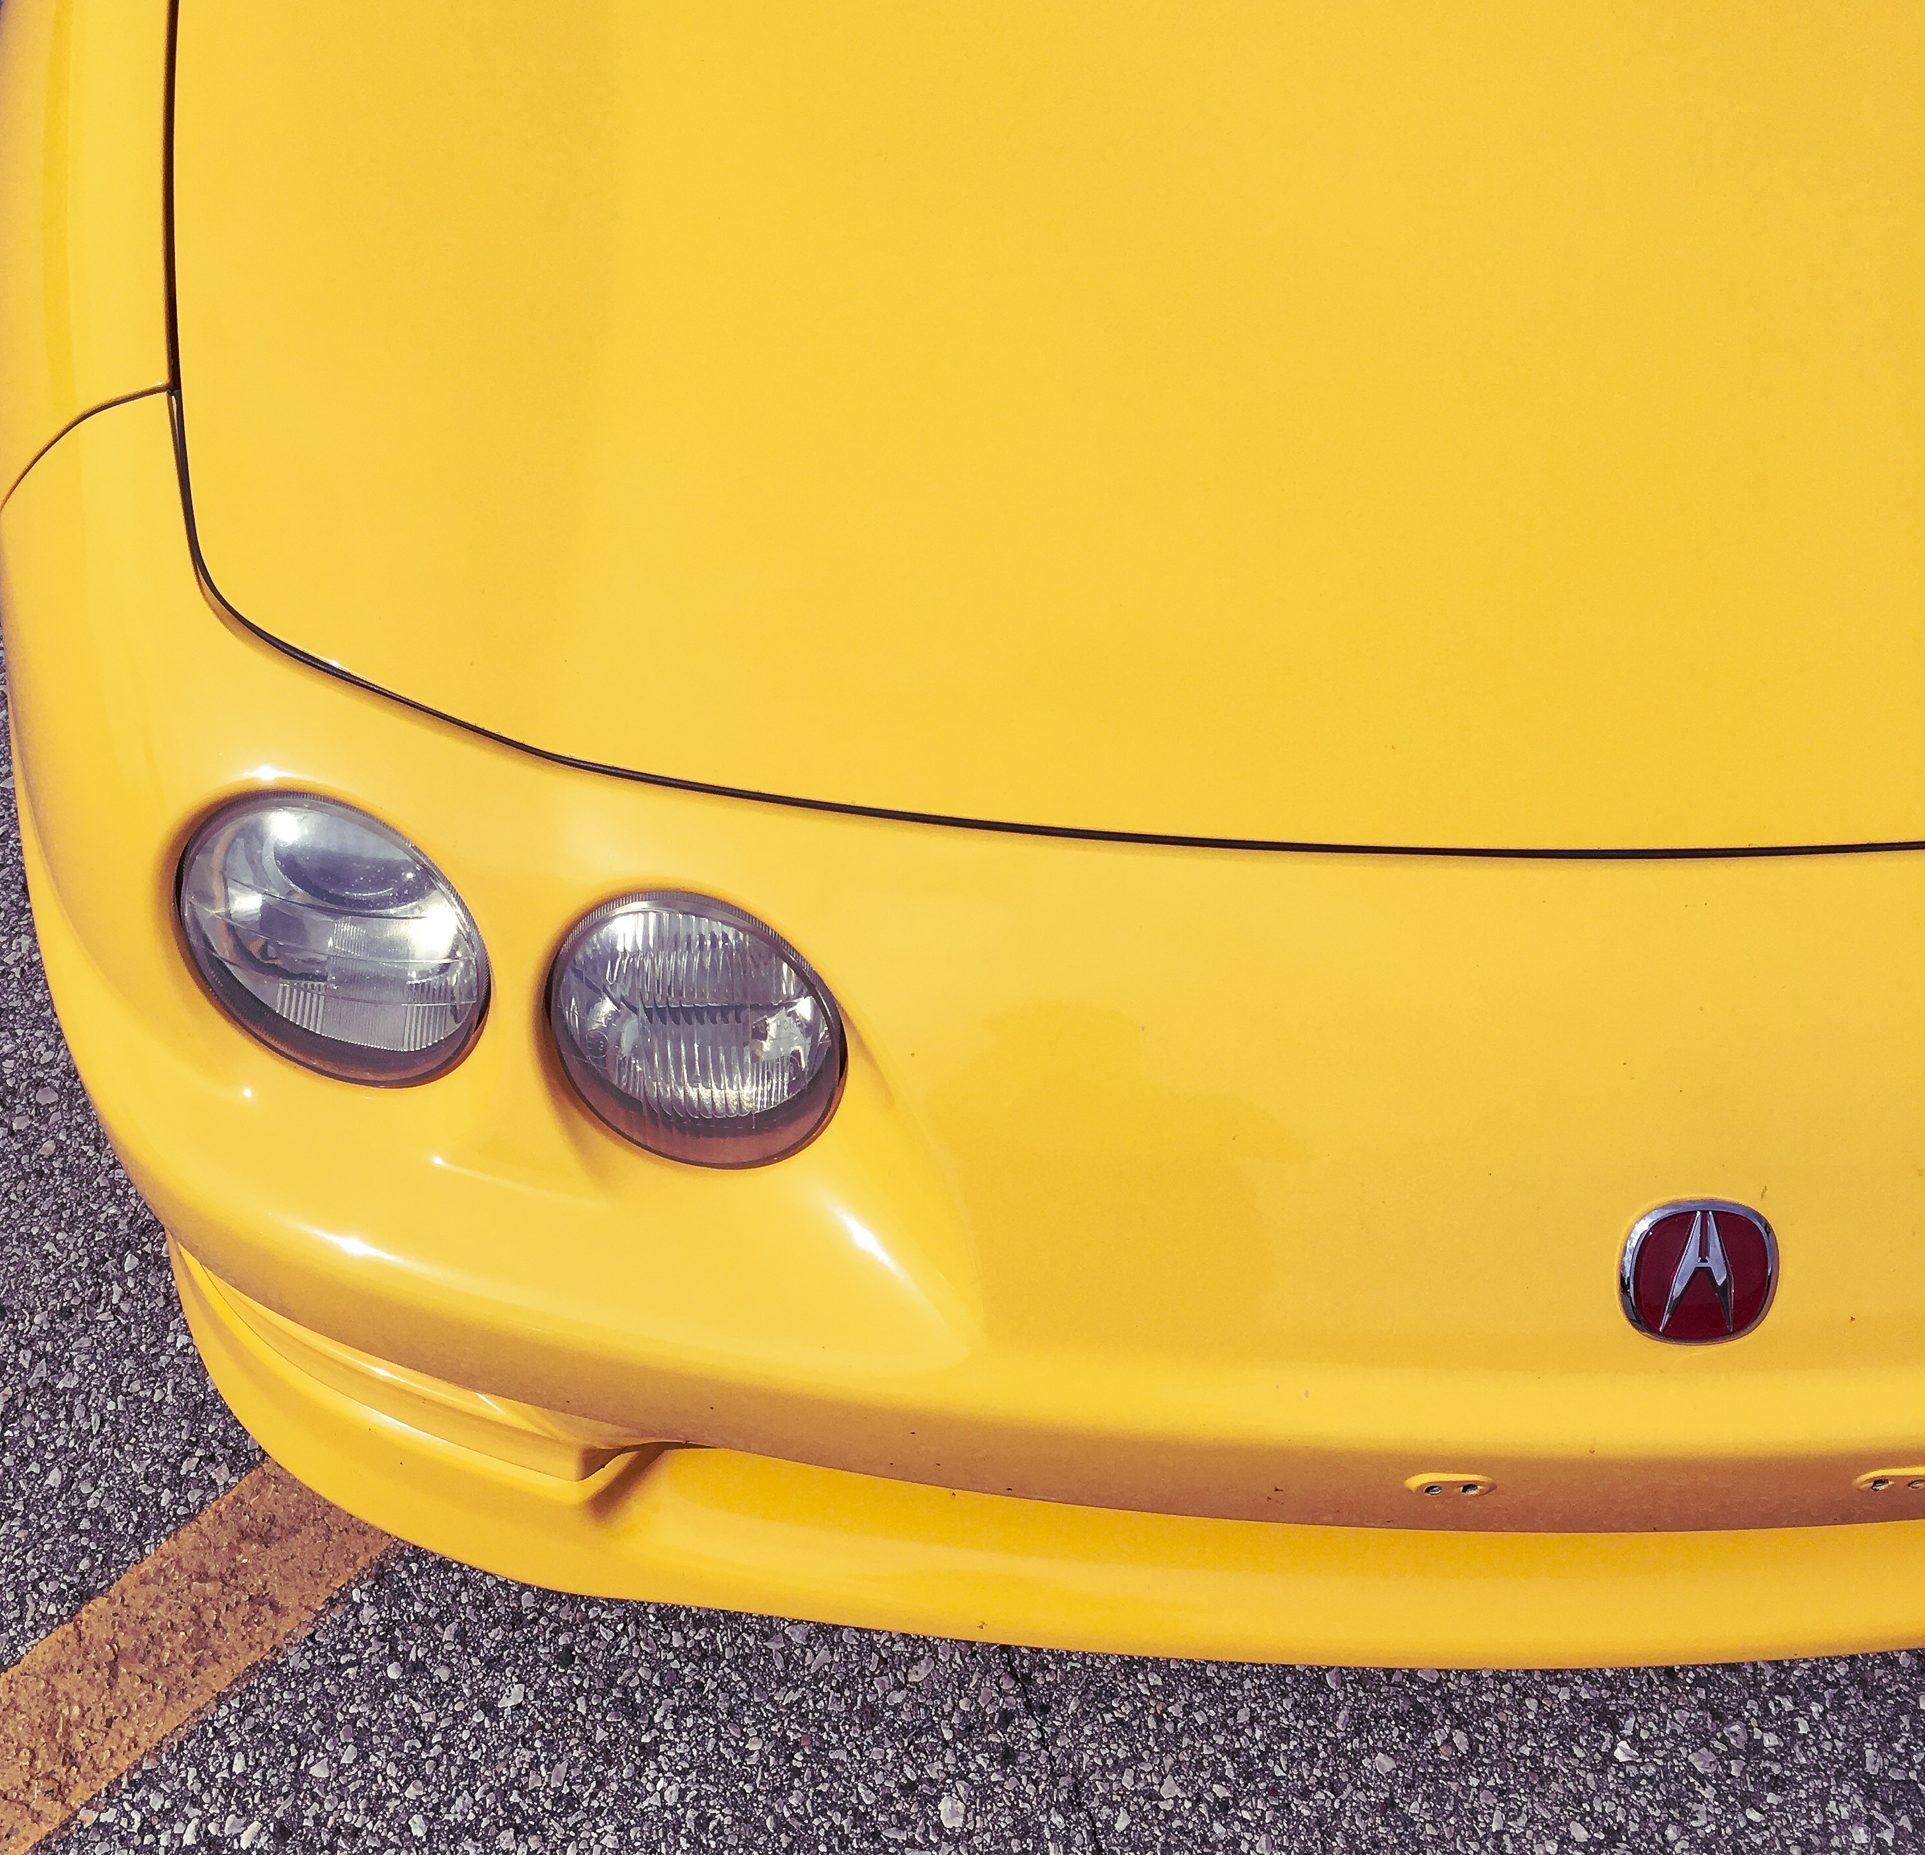 Acura Integra Type R front headlight